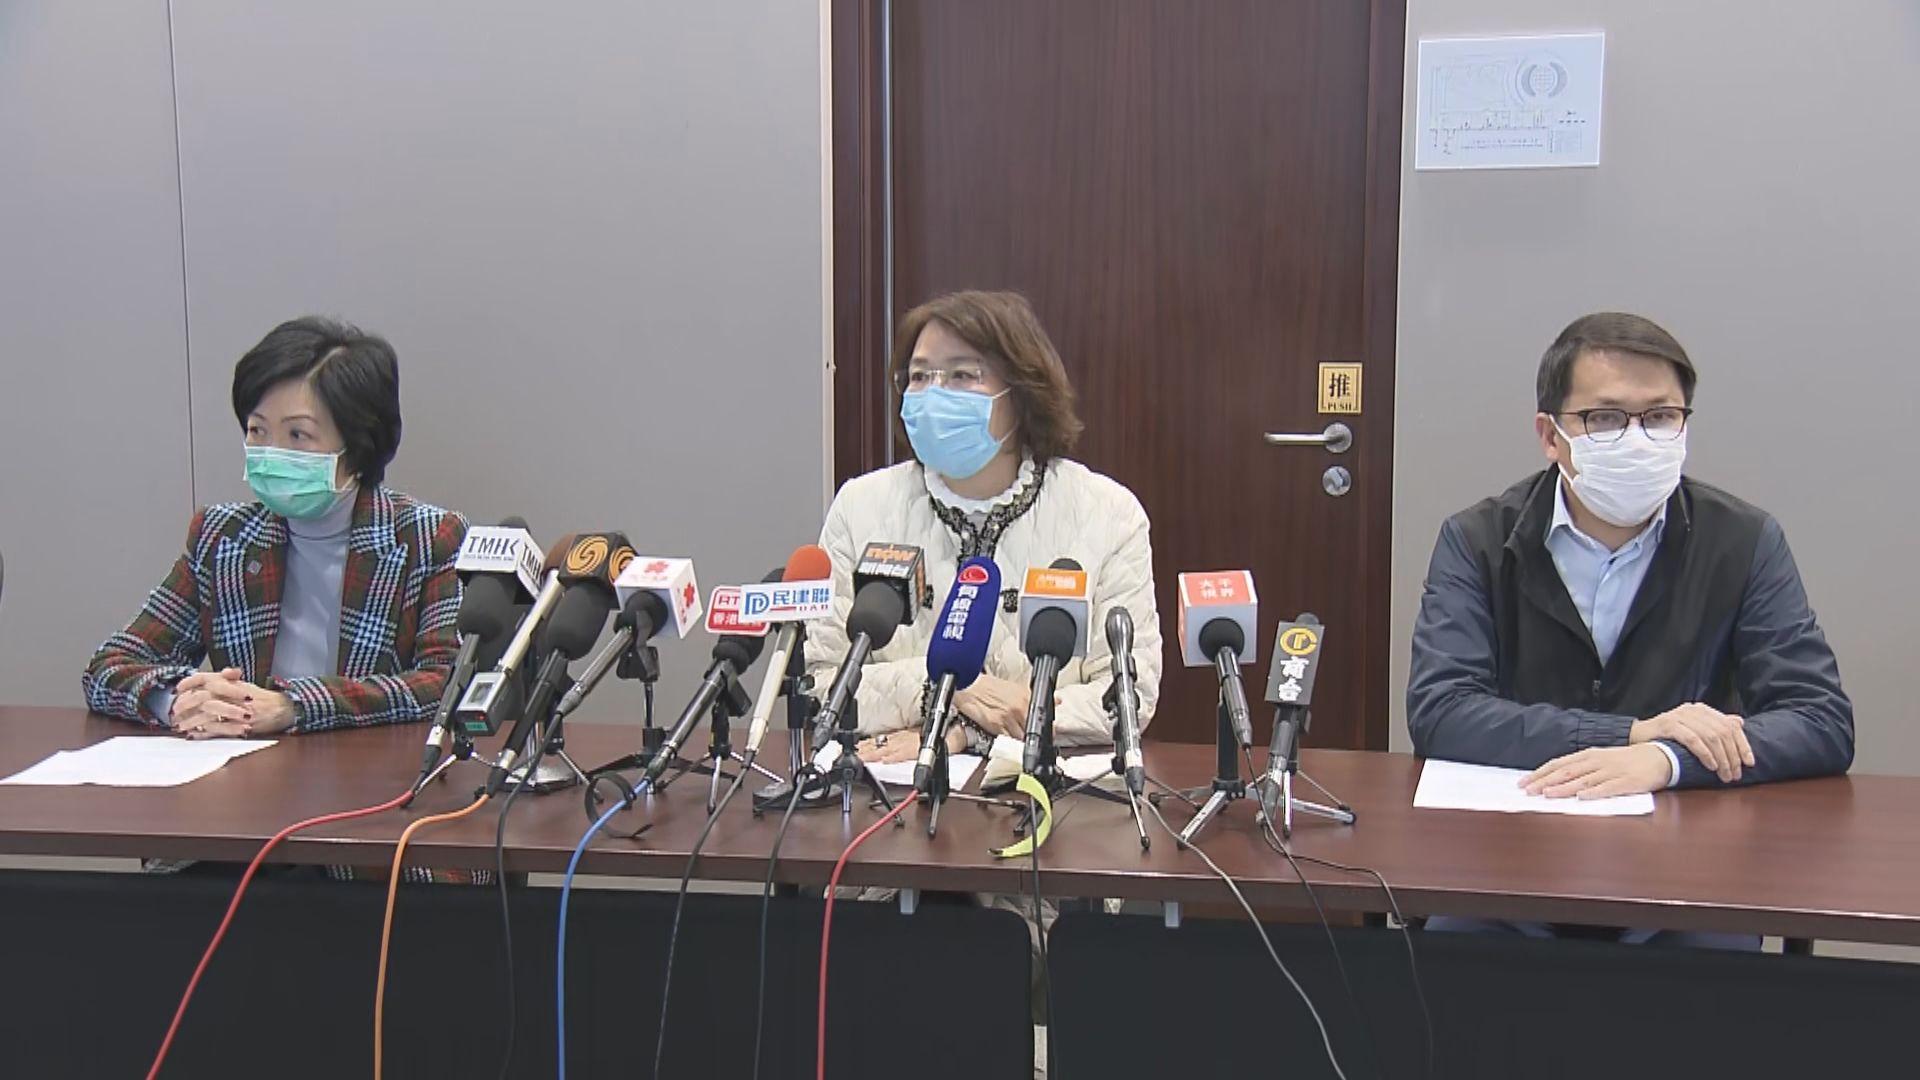 建制派聯署譴責郭榮鏗未選出內會主席